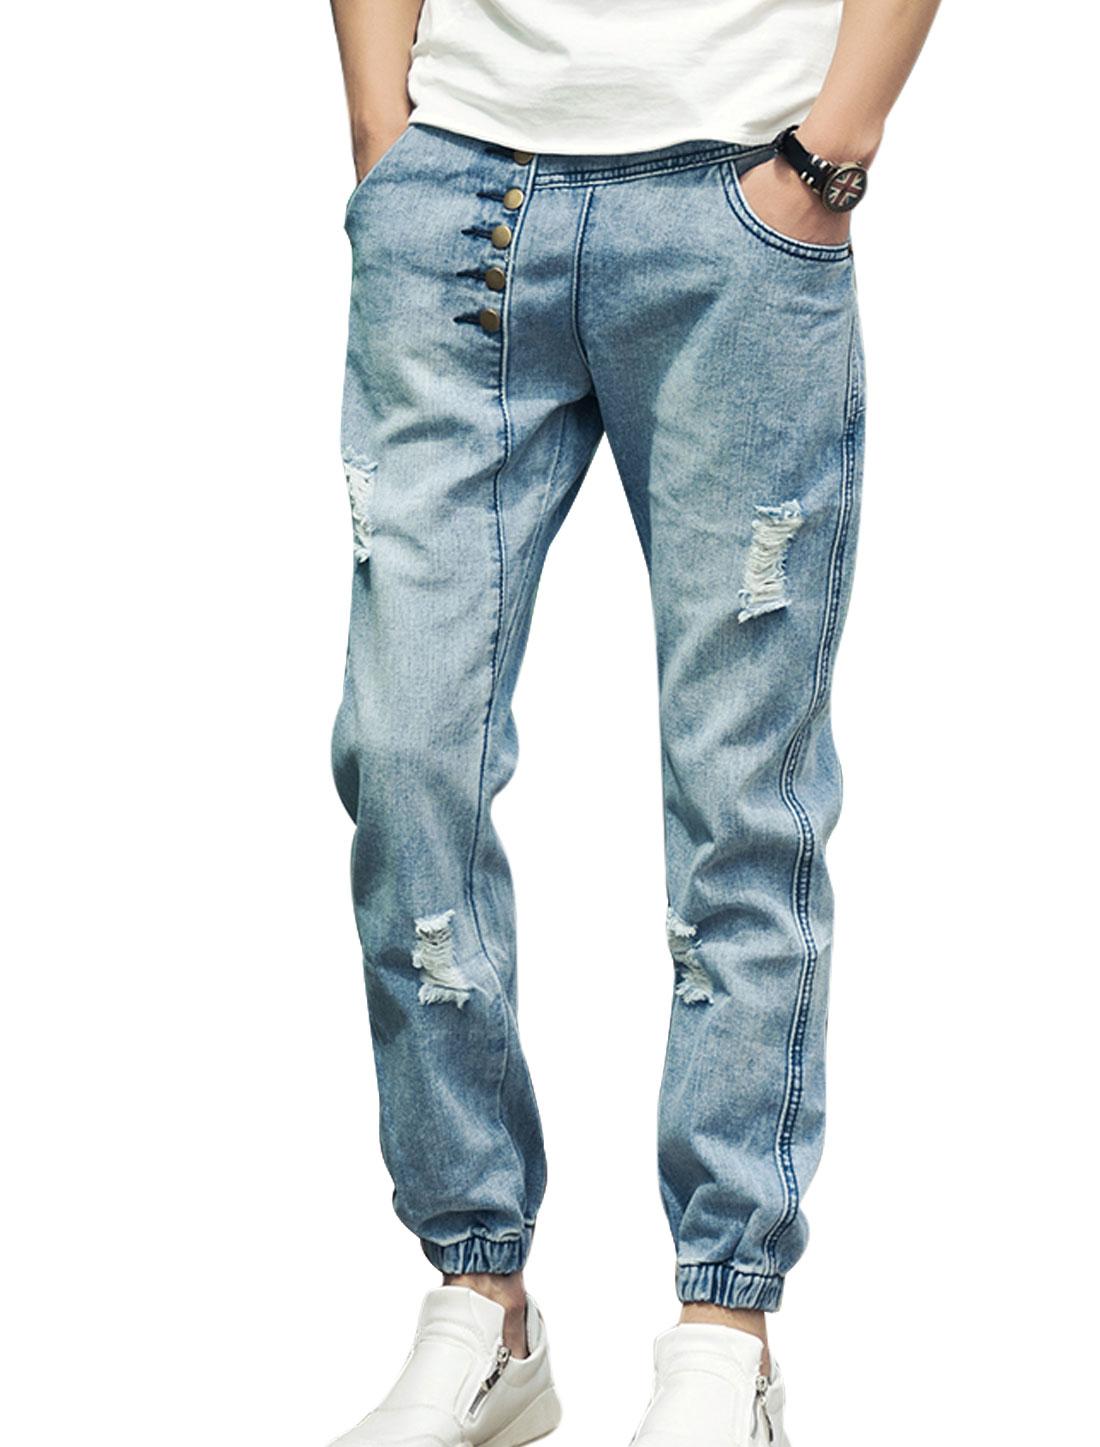 Men Elastic Waist Destroyed Design Buttons Decor Jeans Blue W30